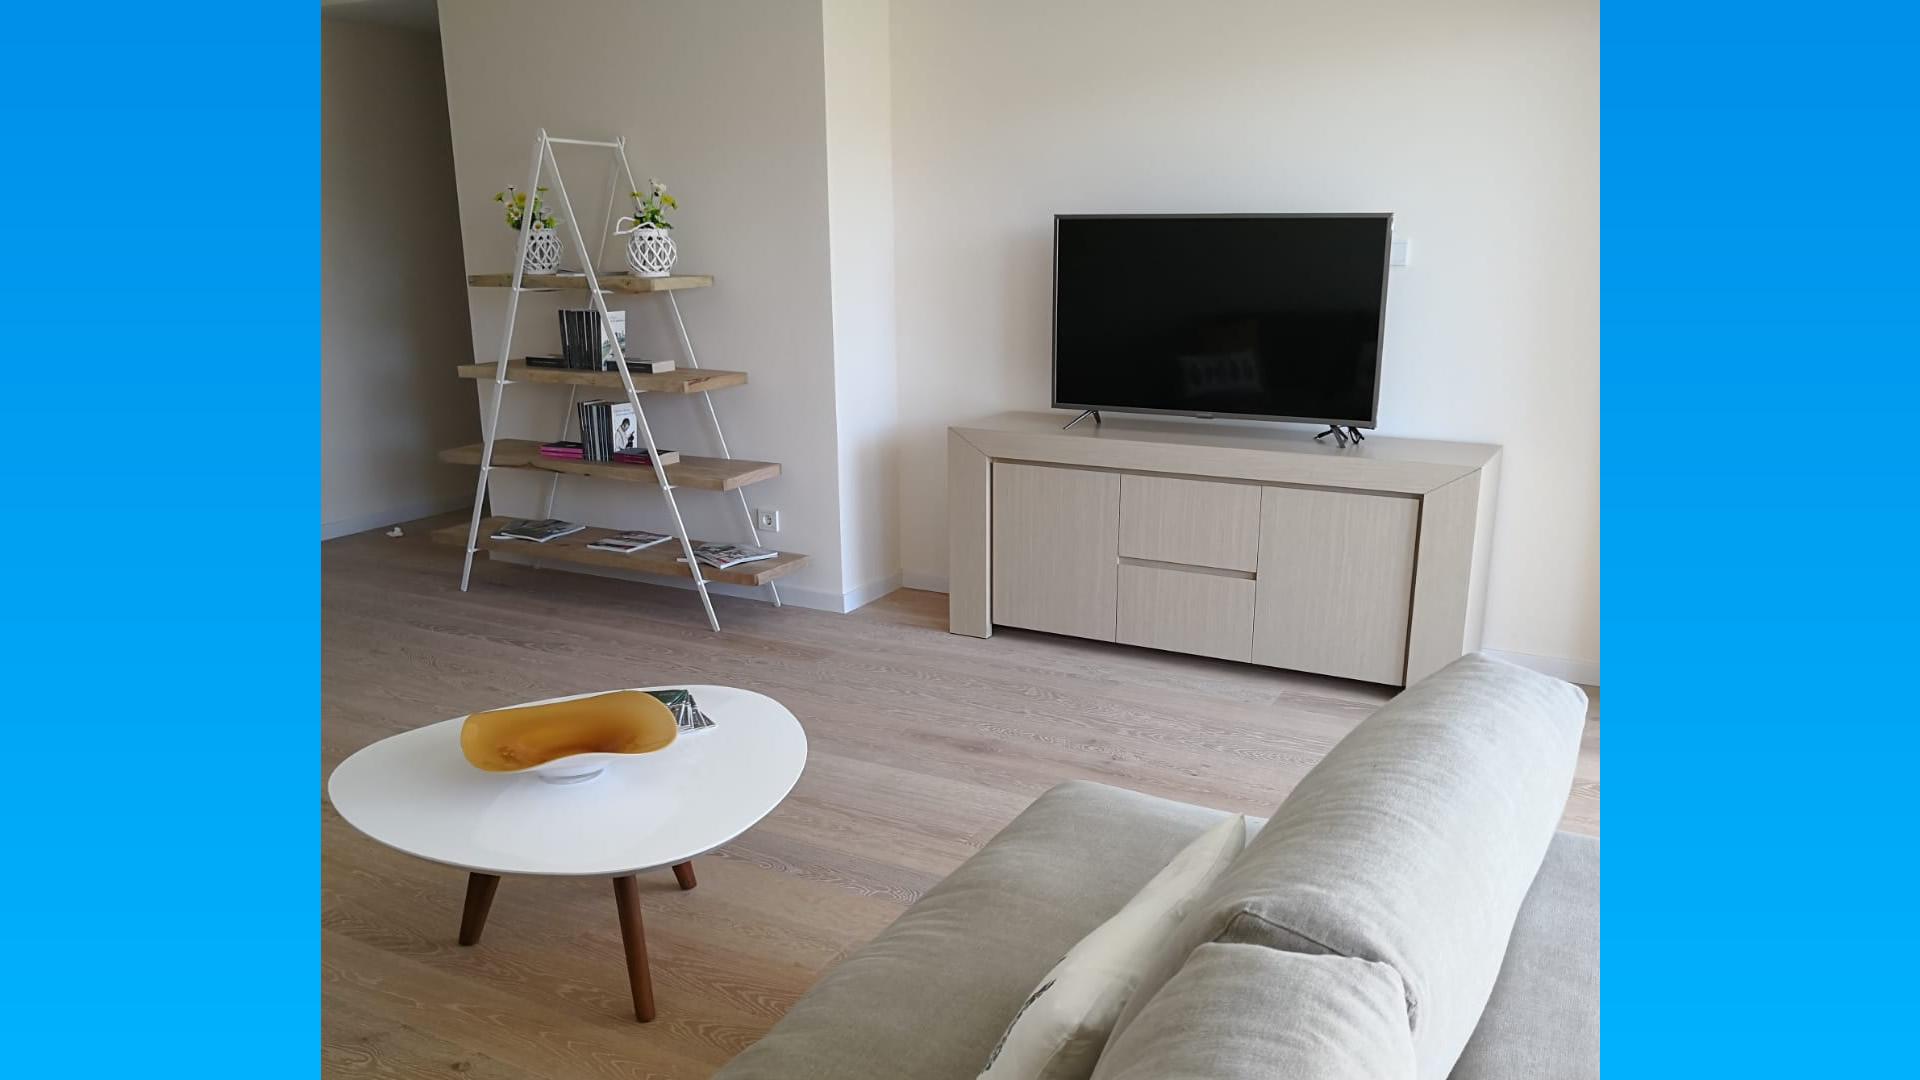 Building 5&6) 2 bedroom apartment, porche, terrace and solarium in